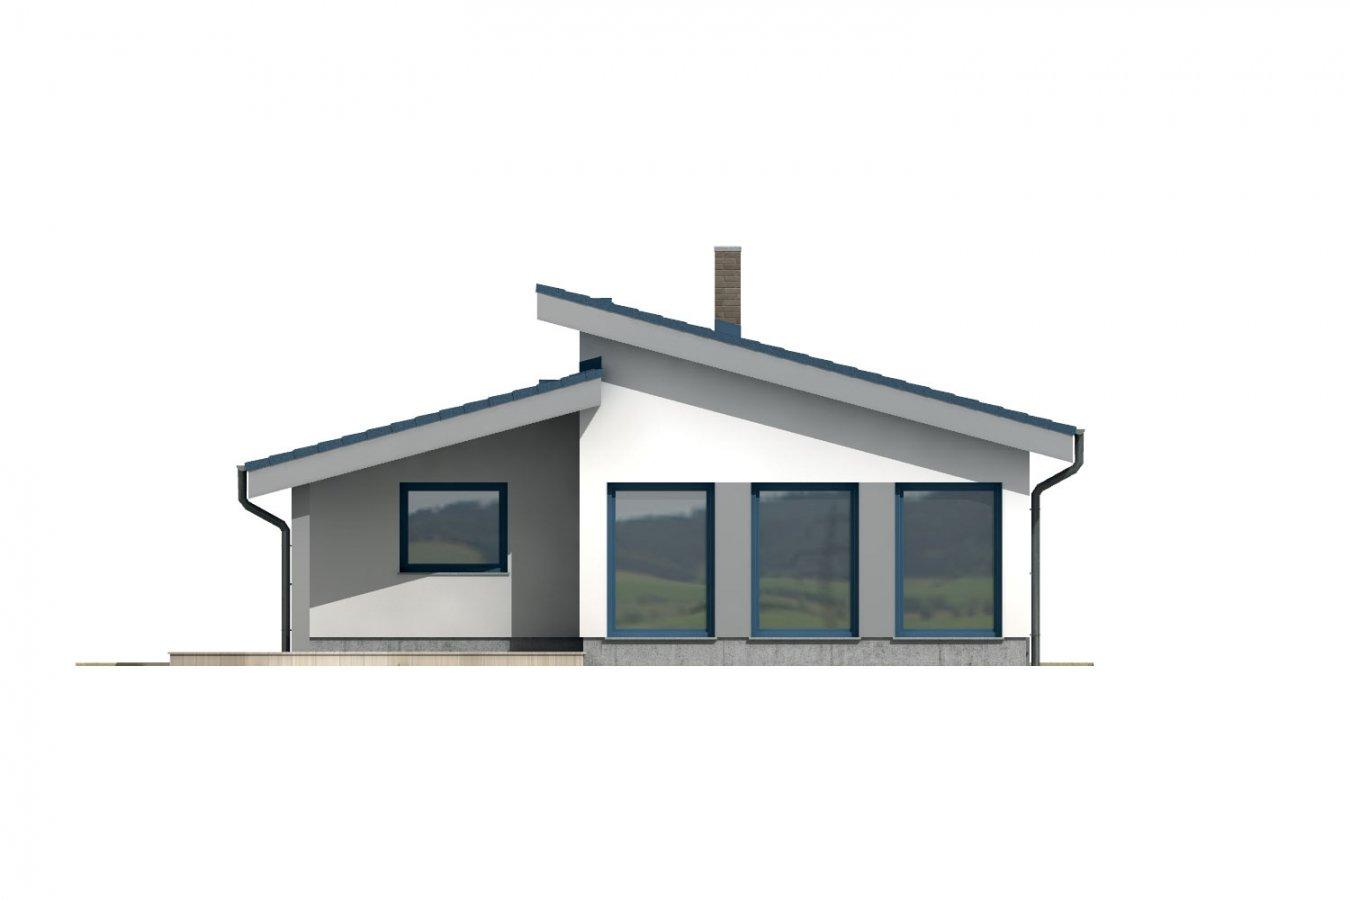 Pohľad 3. - Rodinný dom s pultovou strechou.